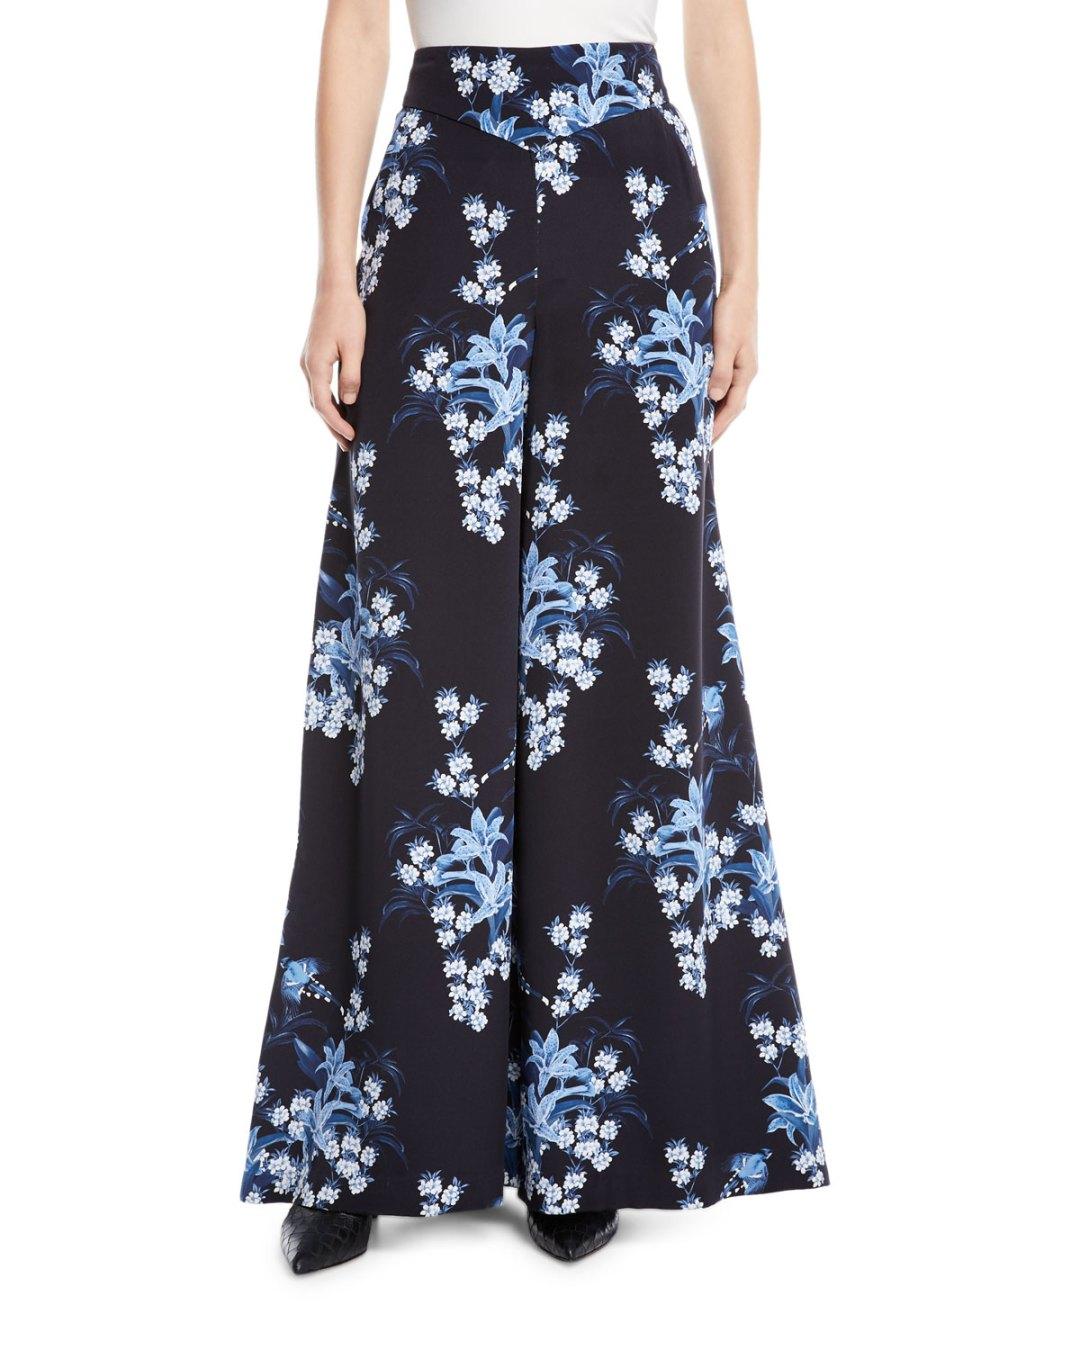 92605636a81 JOHANNA ORTIZ – Dream State High-Waist Flared Wide-Leg Floral-Print Silk  Pants – Bergdorf Goodman (Neiman Marcus) –  1